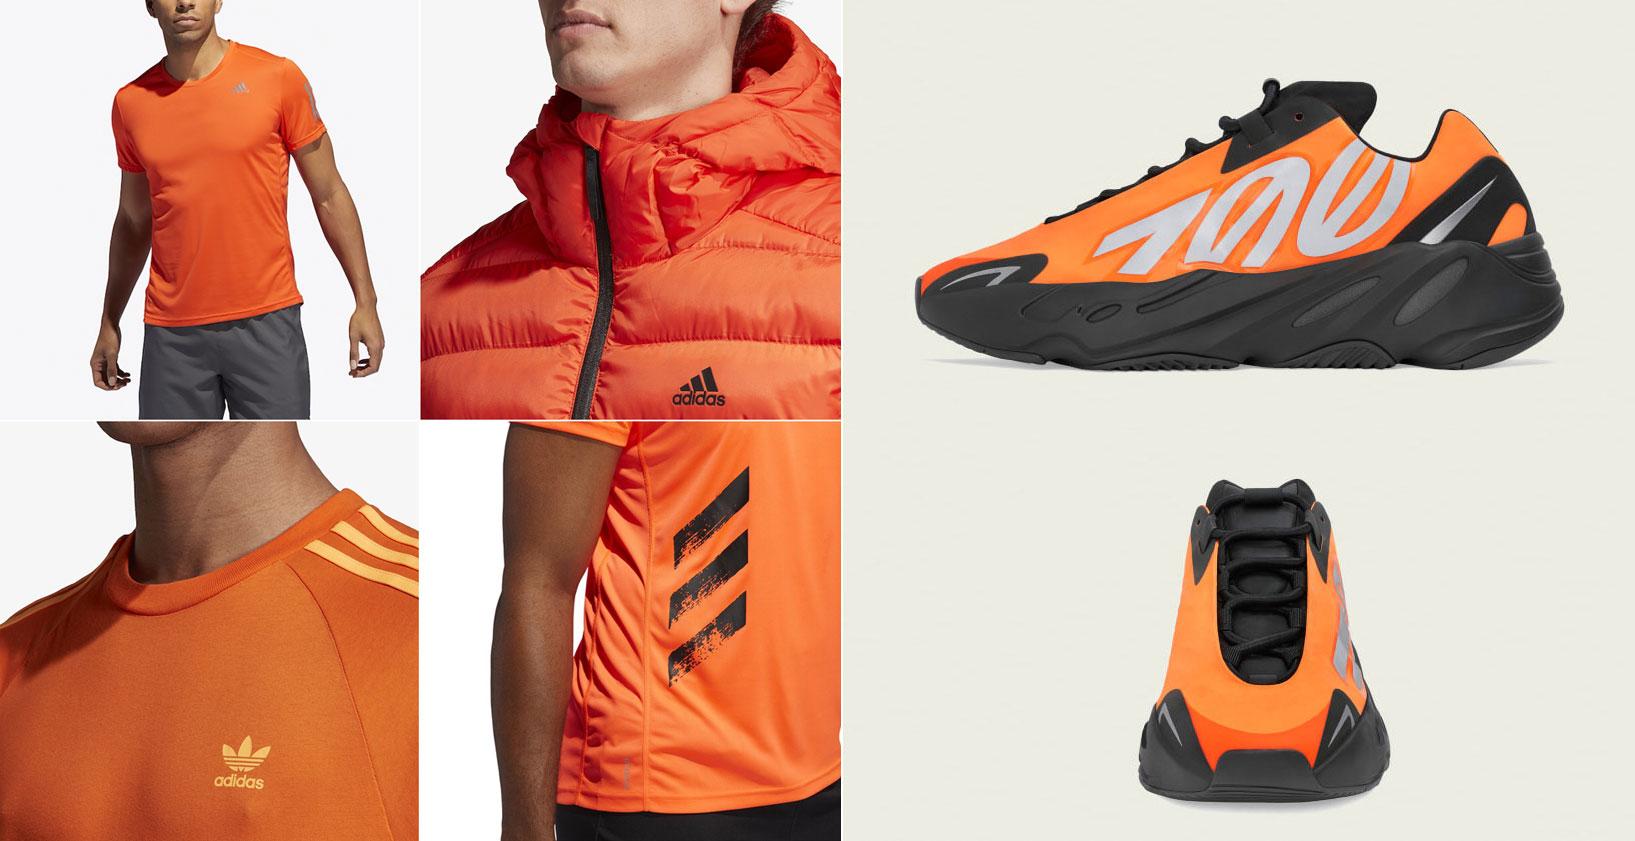 yeezy-boost-700-mnvn-orange-sneaker-outfits